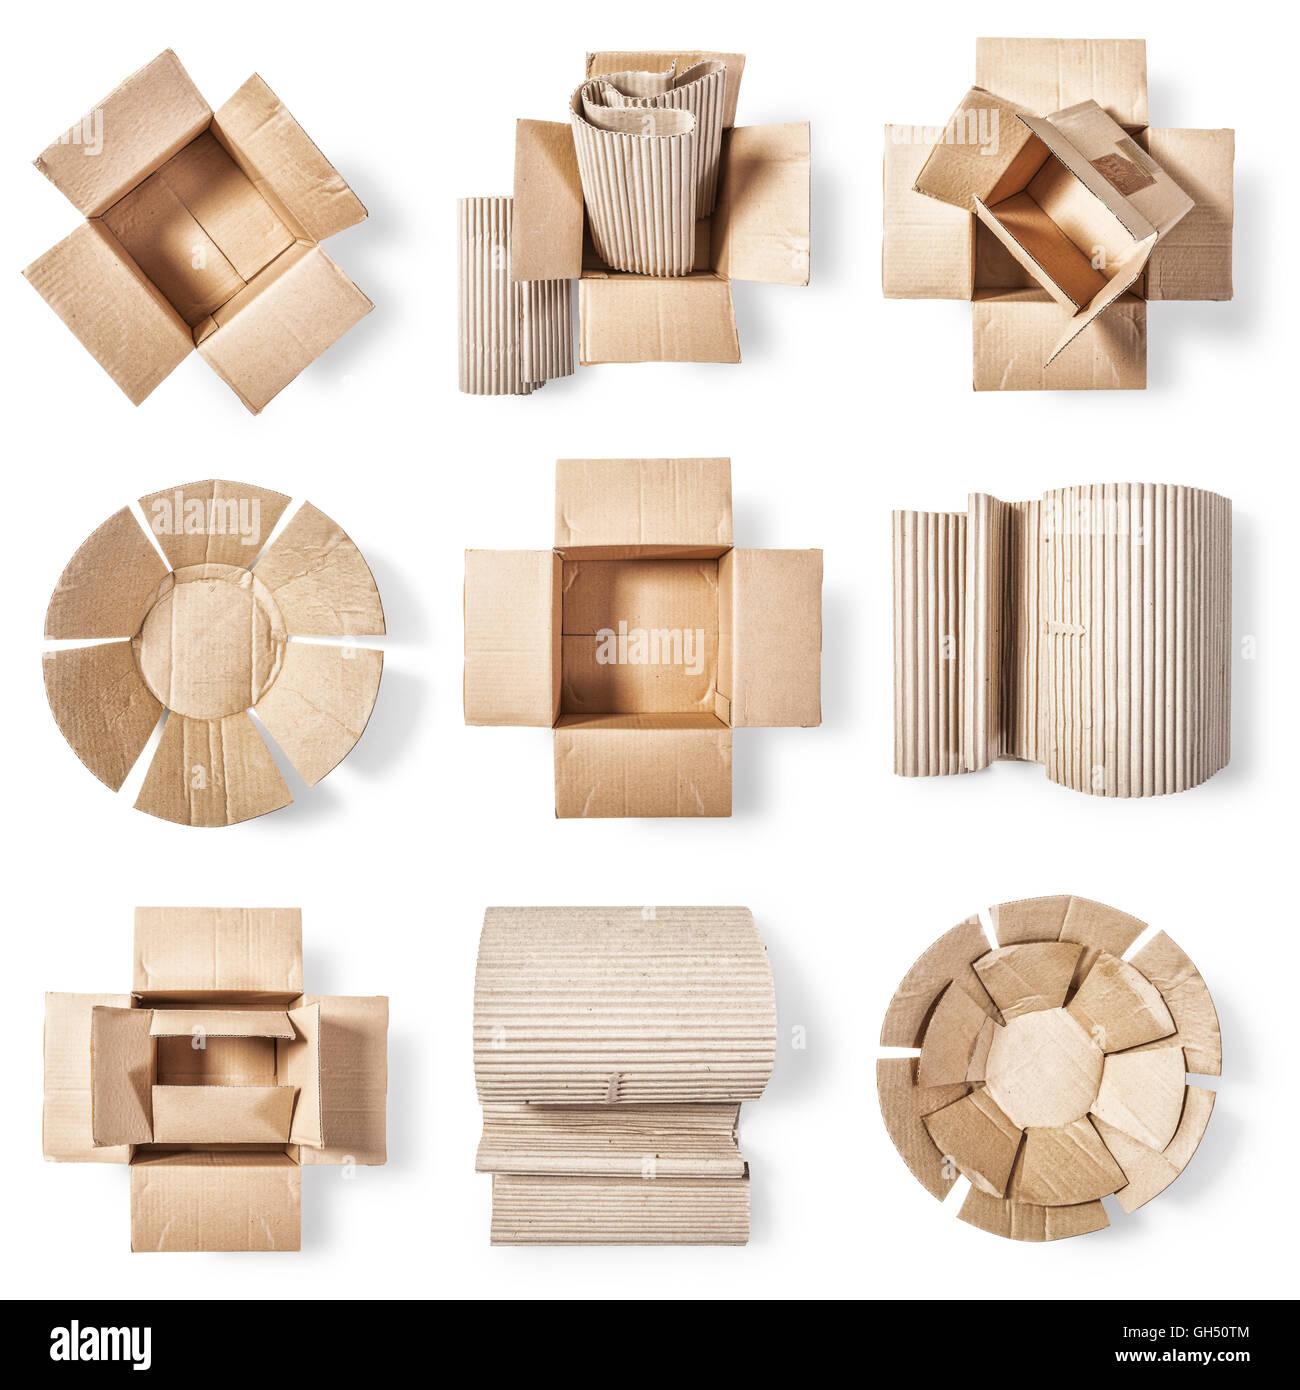 Offenen Karton, Wellpappe Rolle und Pappteller. Verpackung-Materialsammlung. Die Gruppe der Objekte isoliert auf Stockbild